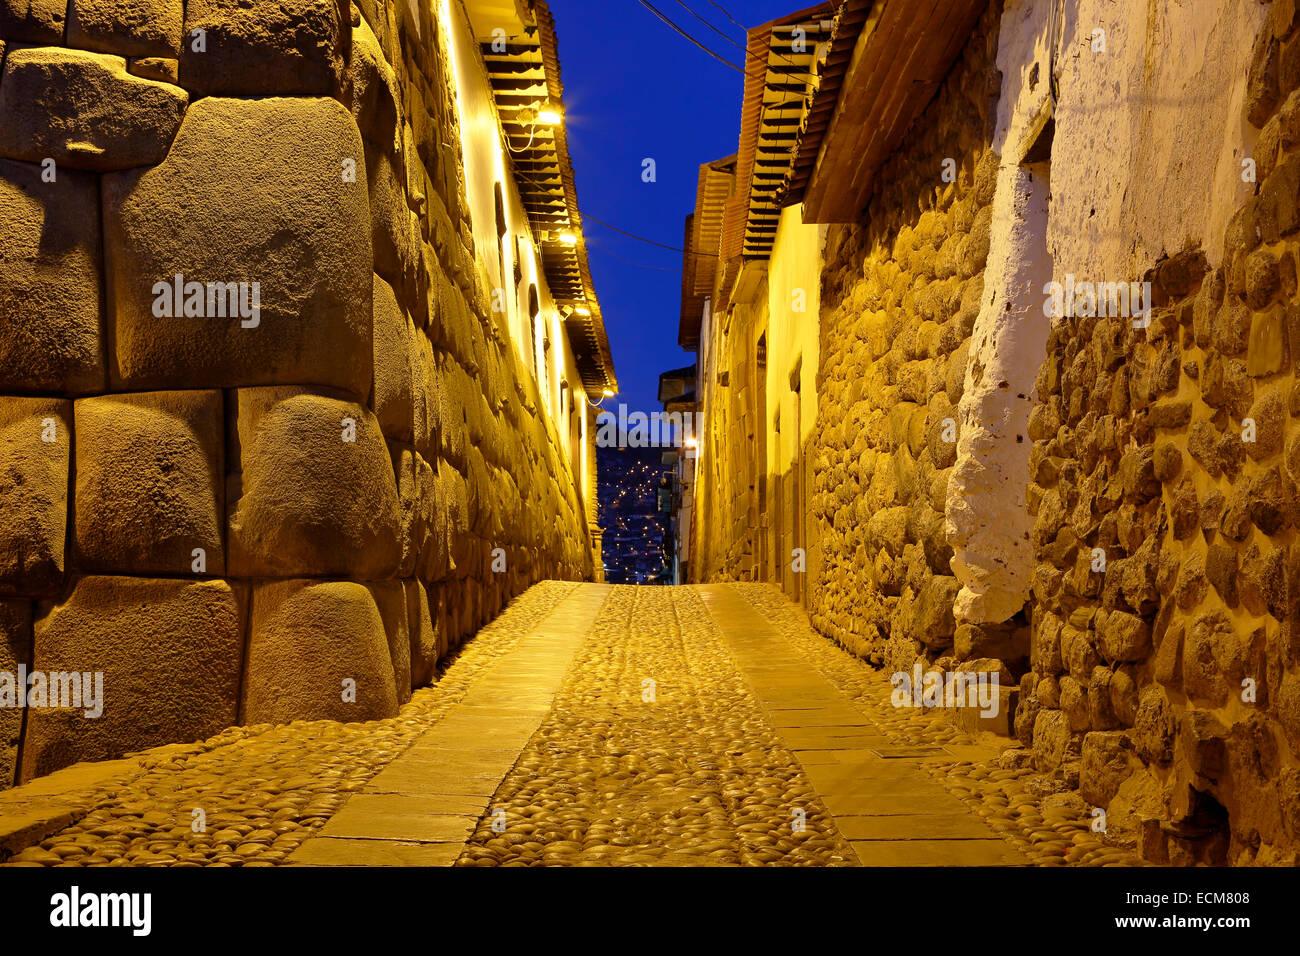 Les murs de pierre Inca et rue pavée, Cusco, Pérou Banque D'Images